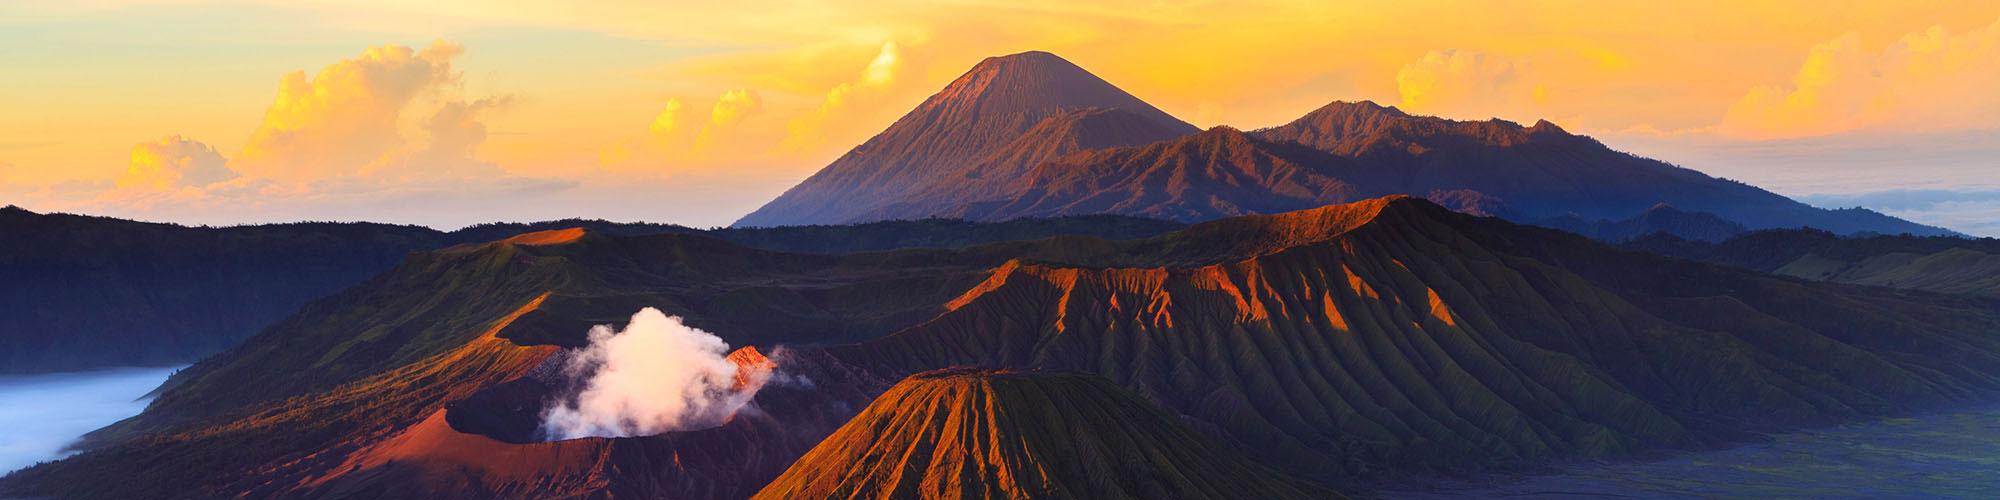 indonesia-banner-3.jpg